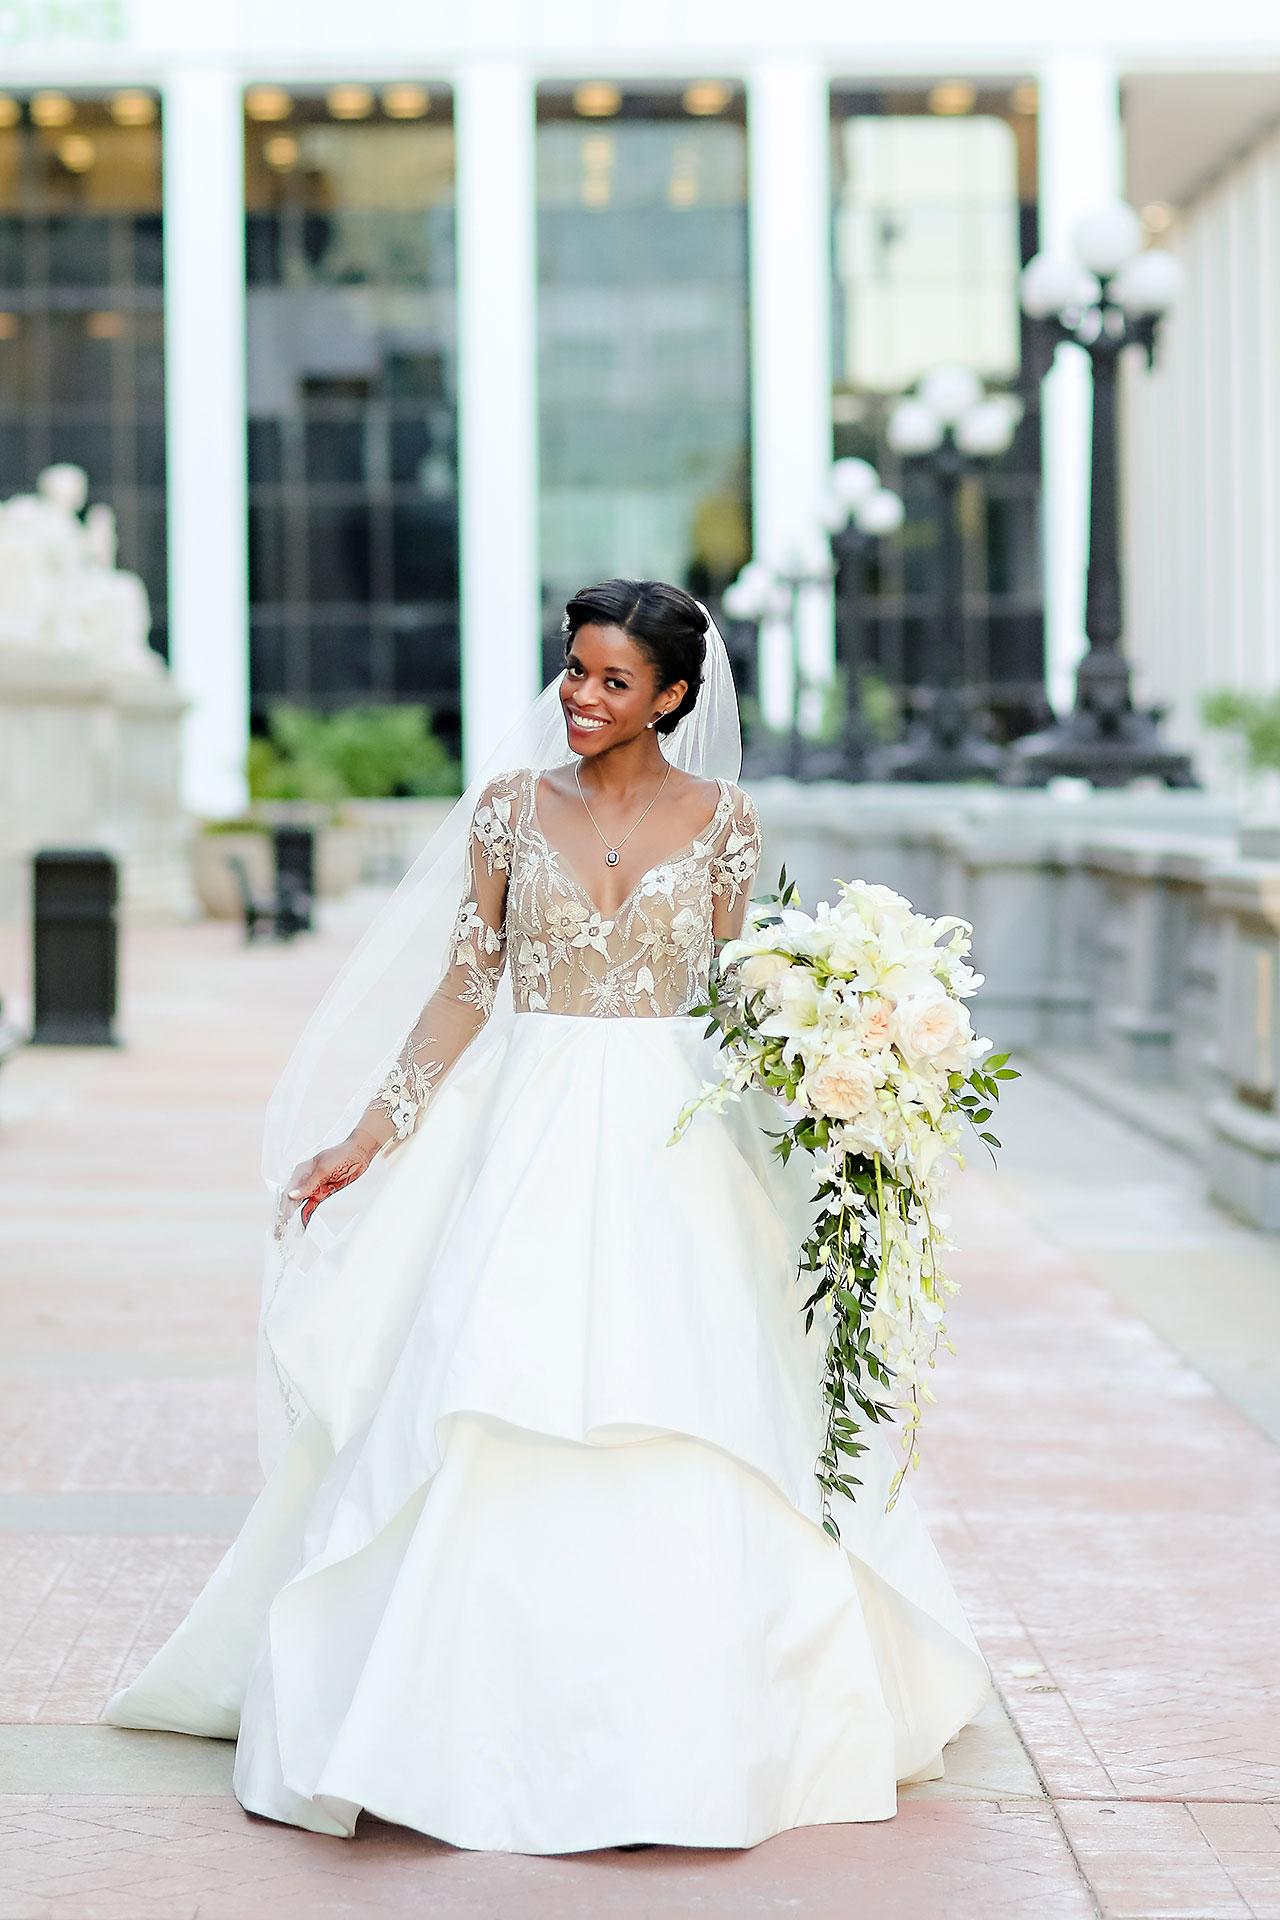 Joie Nikhil Indianapolis Christian Wedding 153